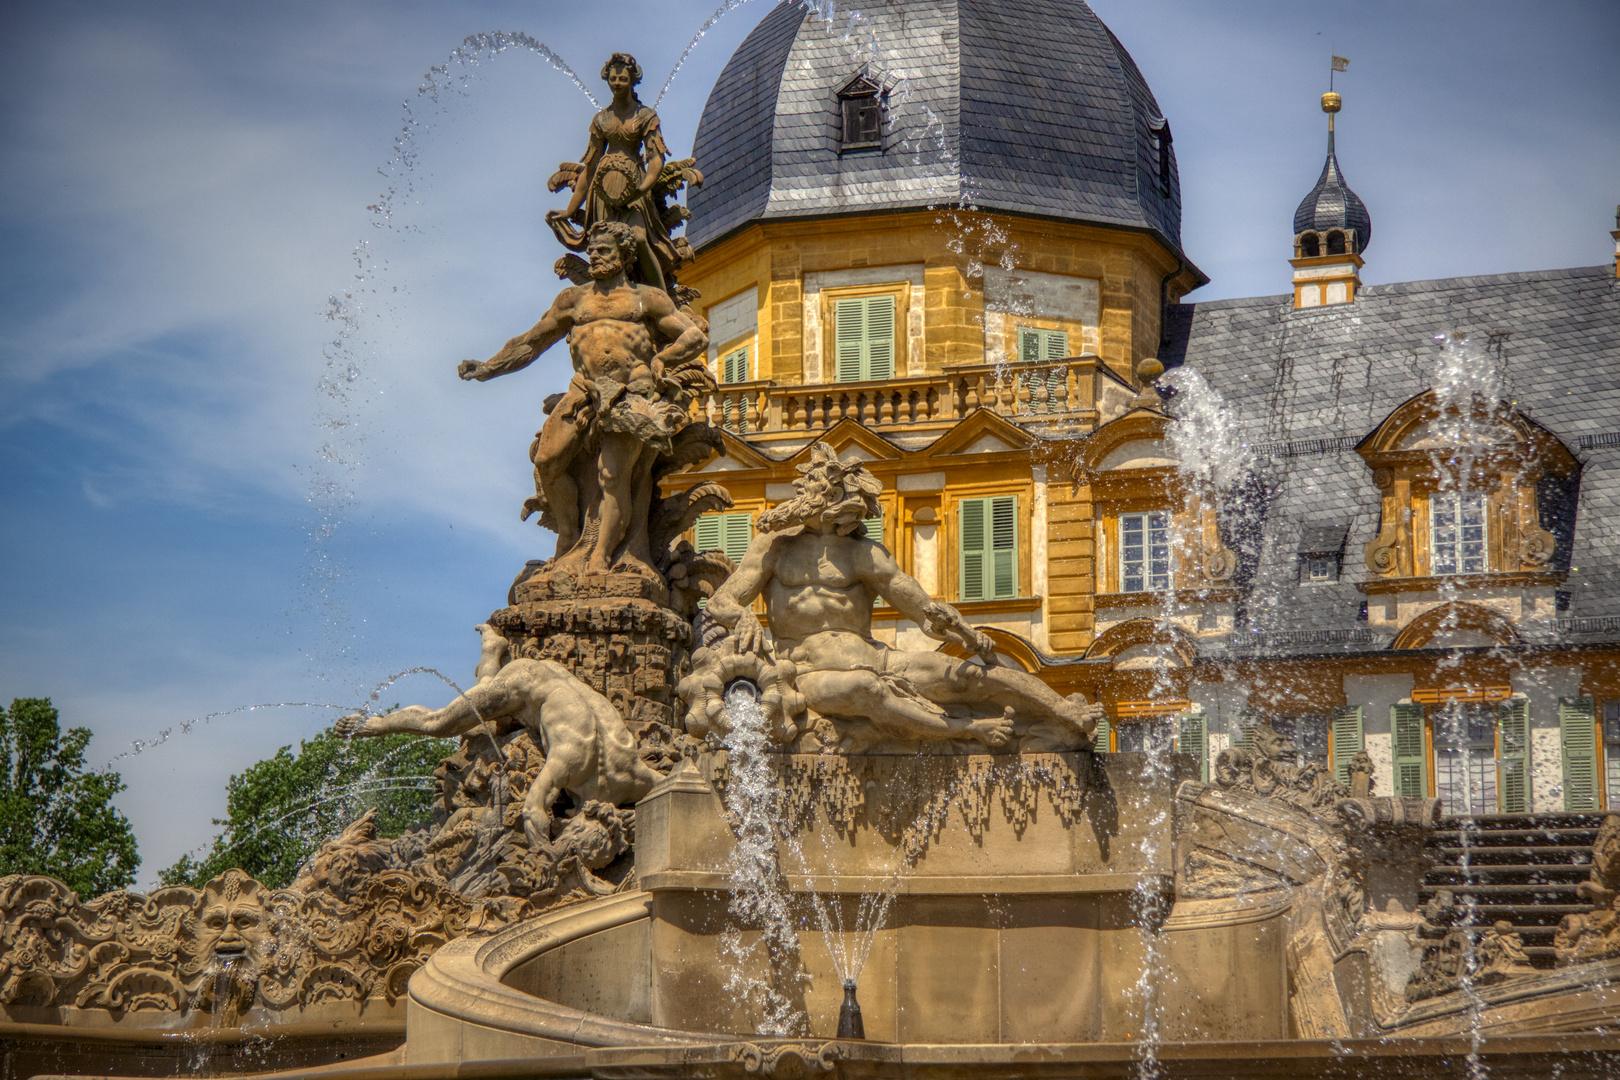 und dann sprudelt es überall (2) - die Wasserspiele von Schloss Seehof